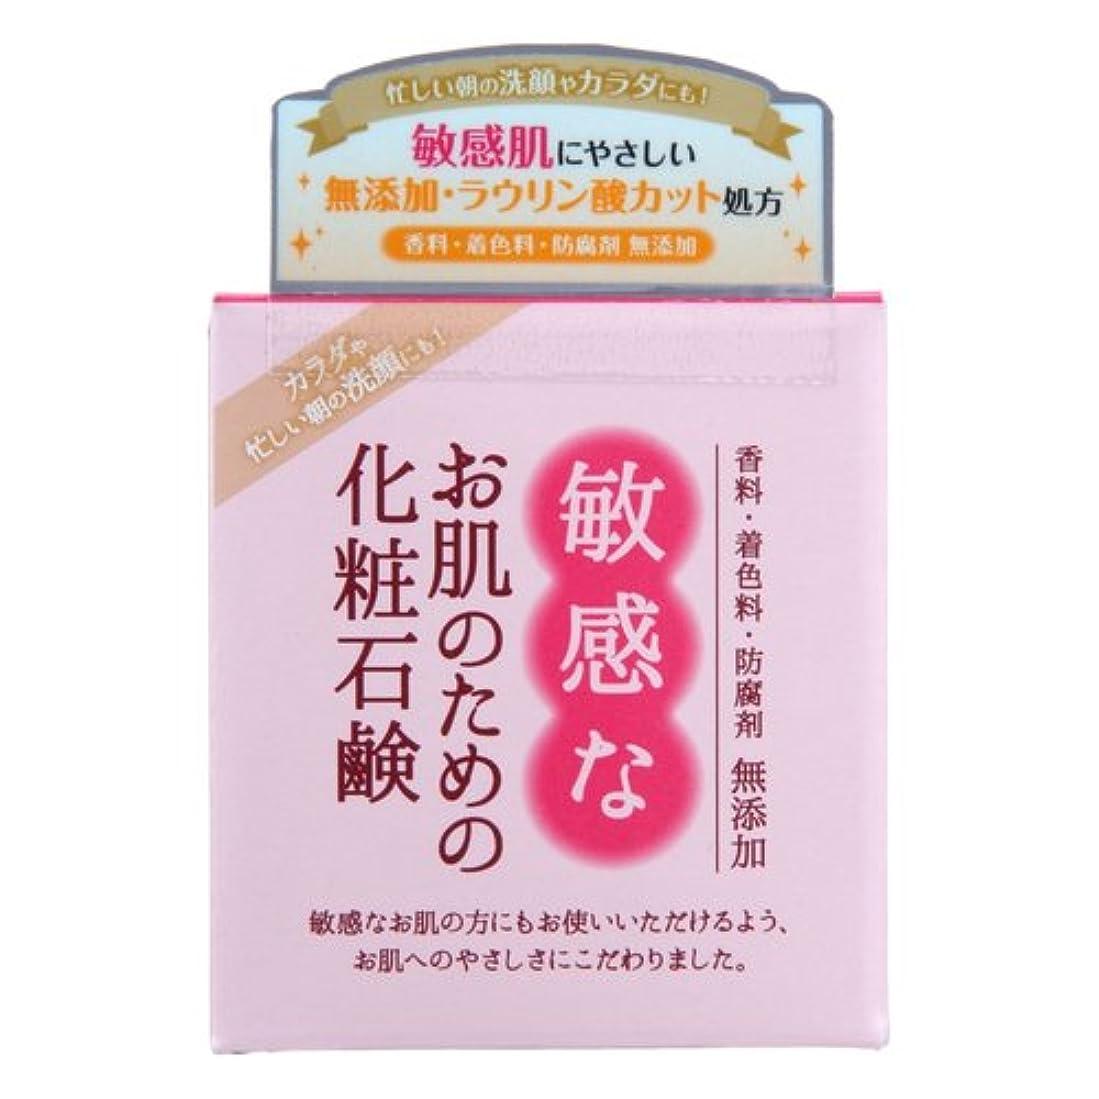 ダイヤモンドペルメルネックレット敏感なお肌のための化粧石鹸 100g CBH-S